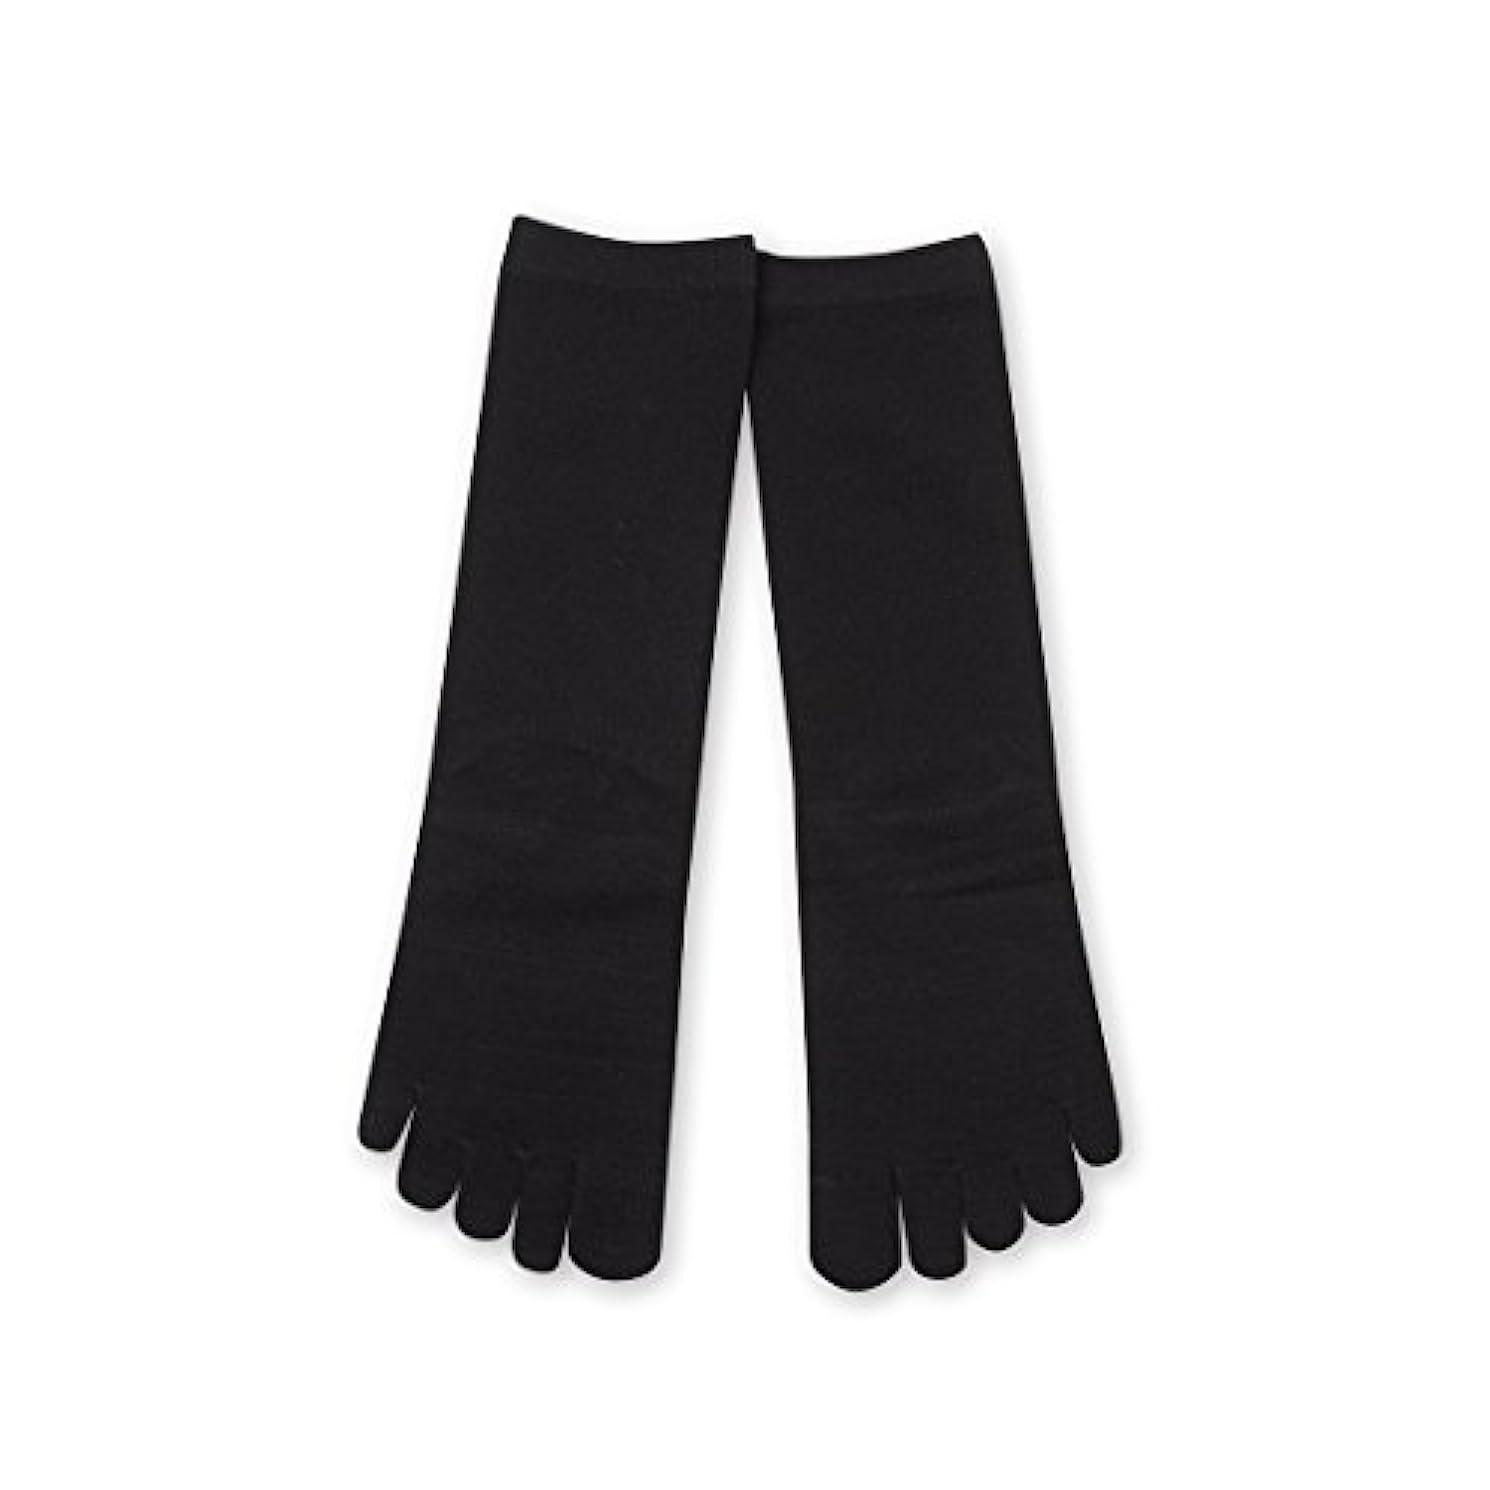 ブルームブリードメアリアンジョーンズDeol(デオル) 5本指 ソックス 女性用 靴下 23~25cm 黒